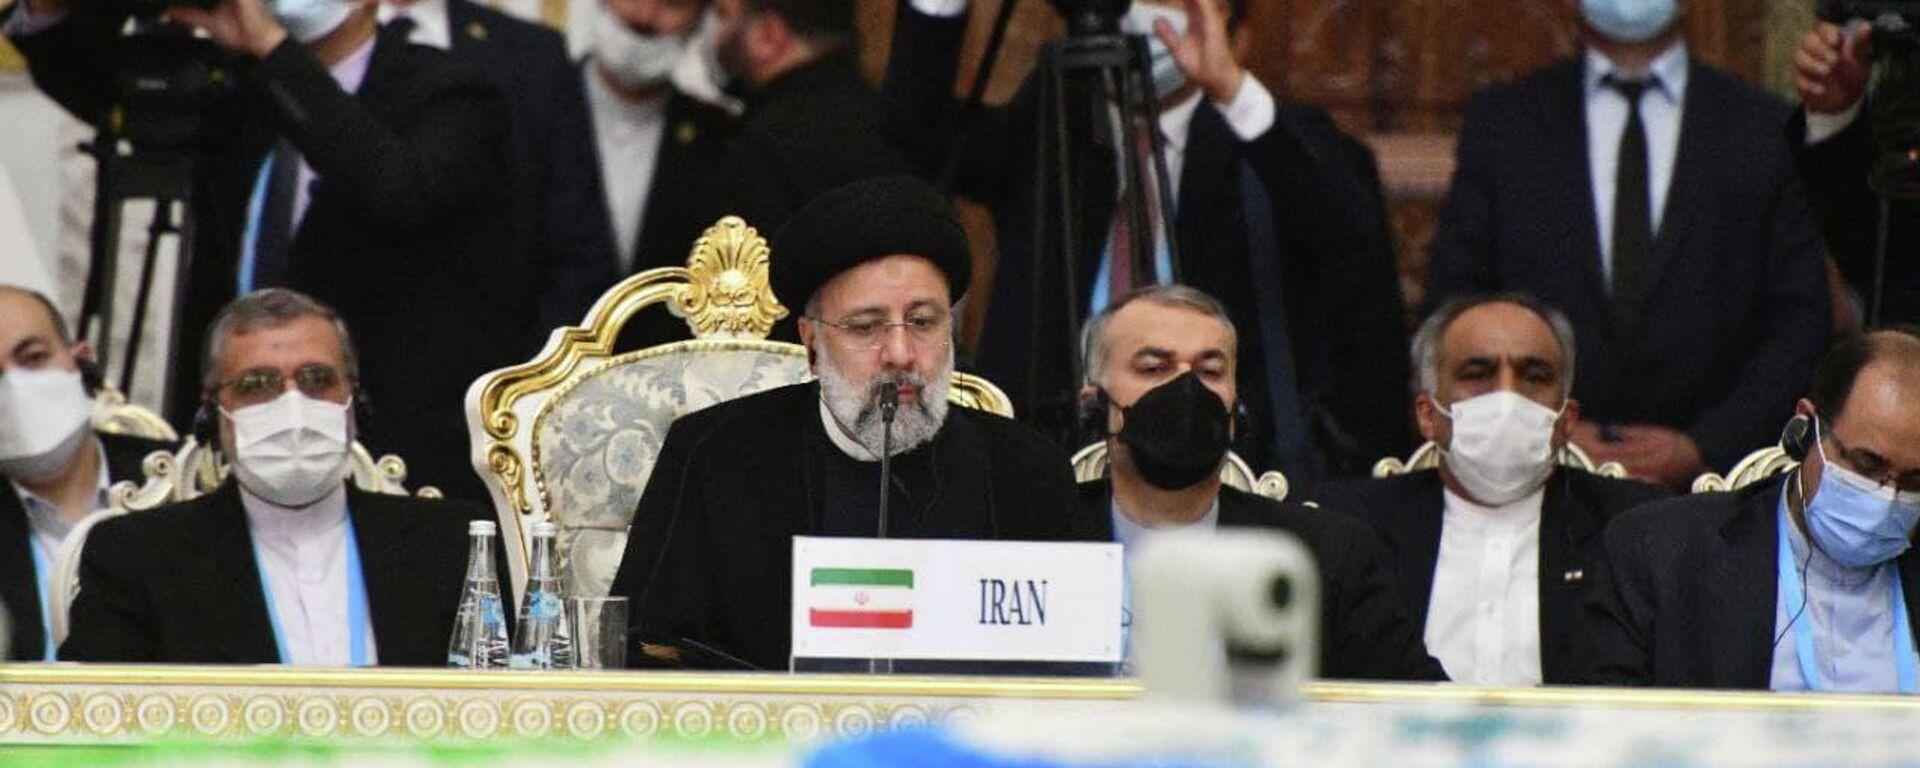 Президент Ирана Эбрагим Раиси - Sputnik Таджикистан, 1920, 17.09.2021